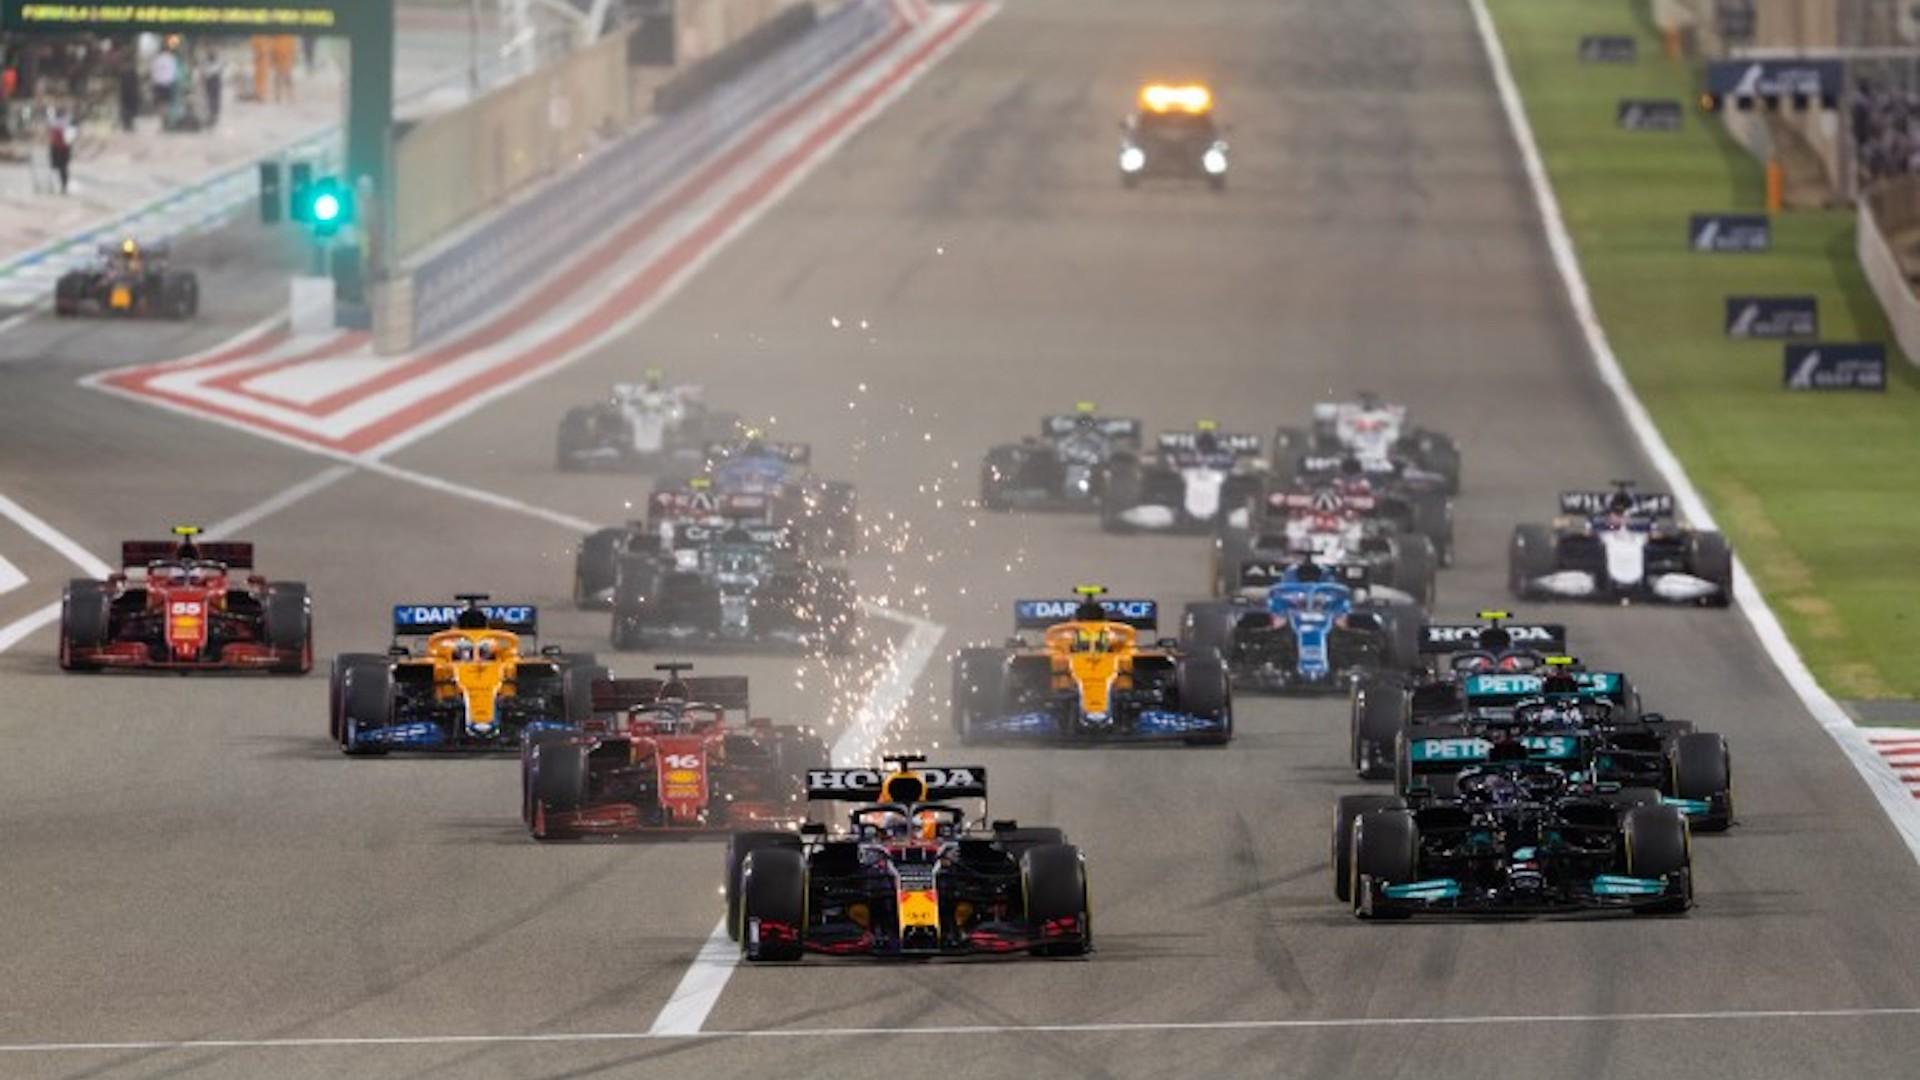 Formule 1 en streaming : comment regarder les meilleures courses du monde ?